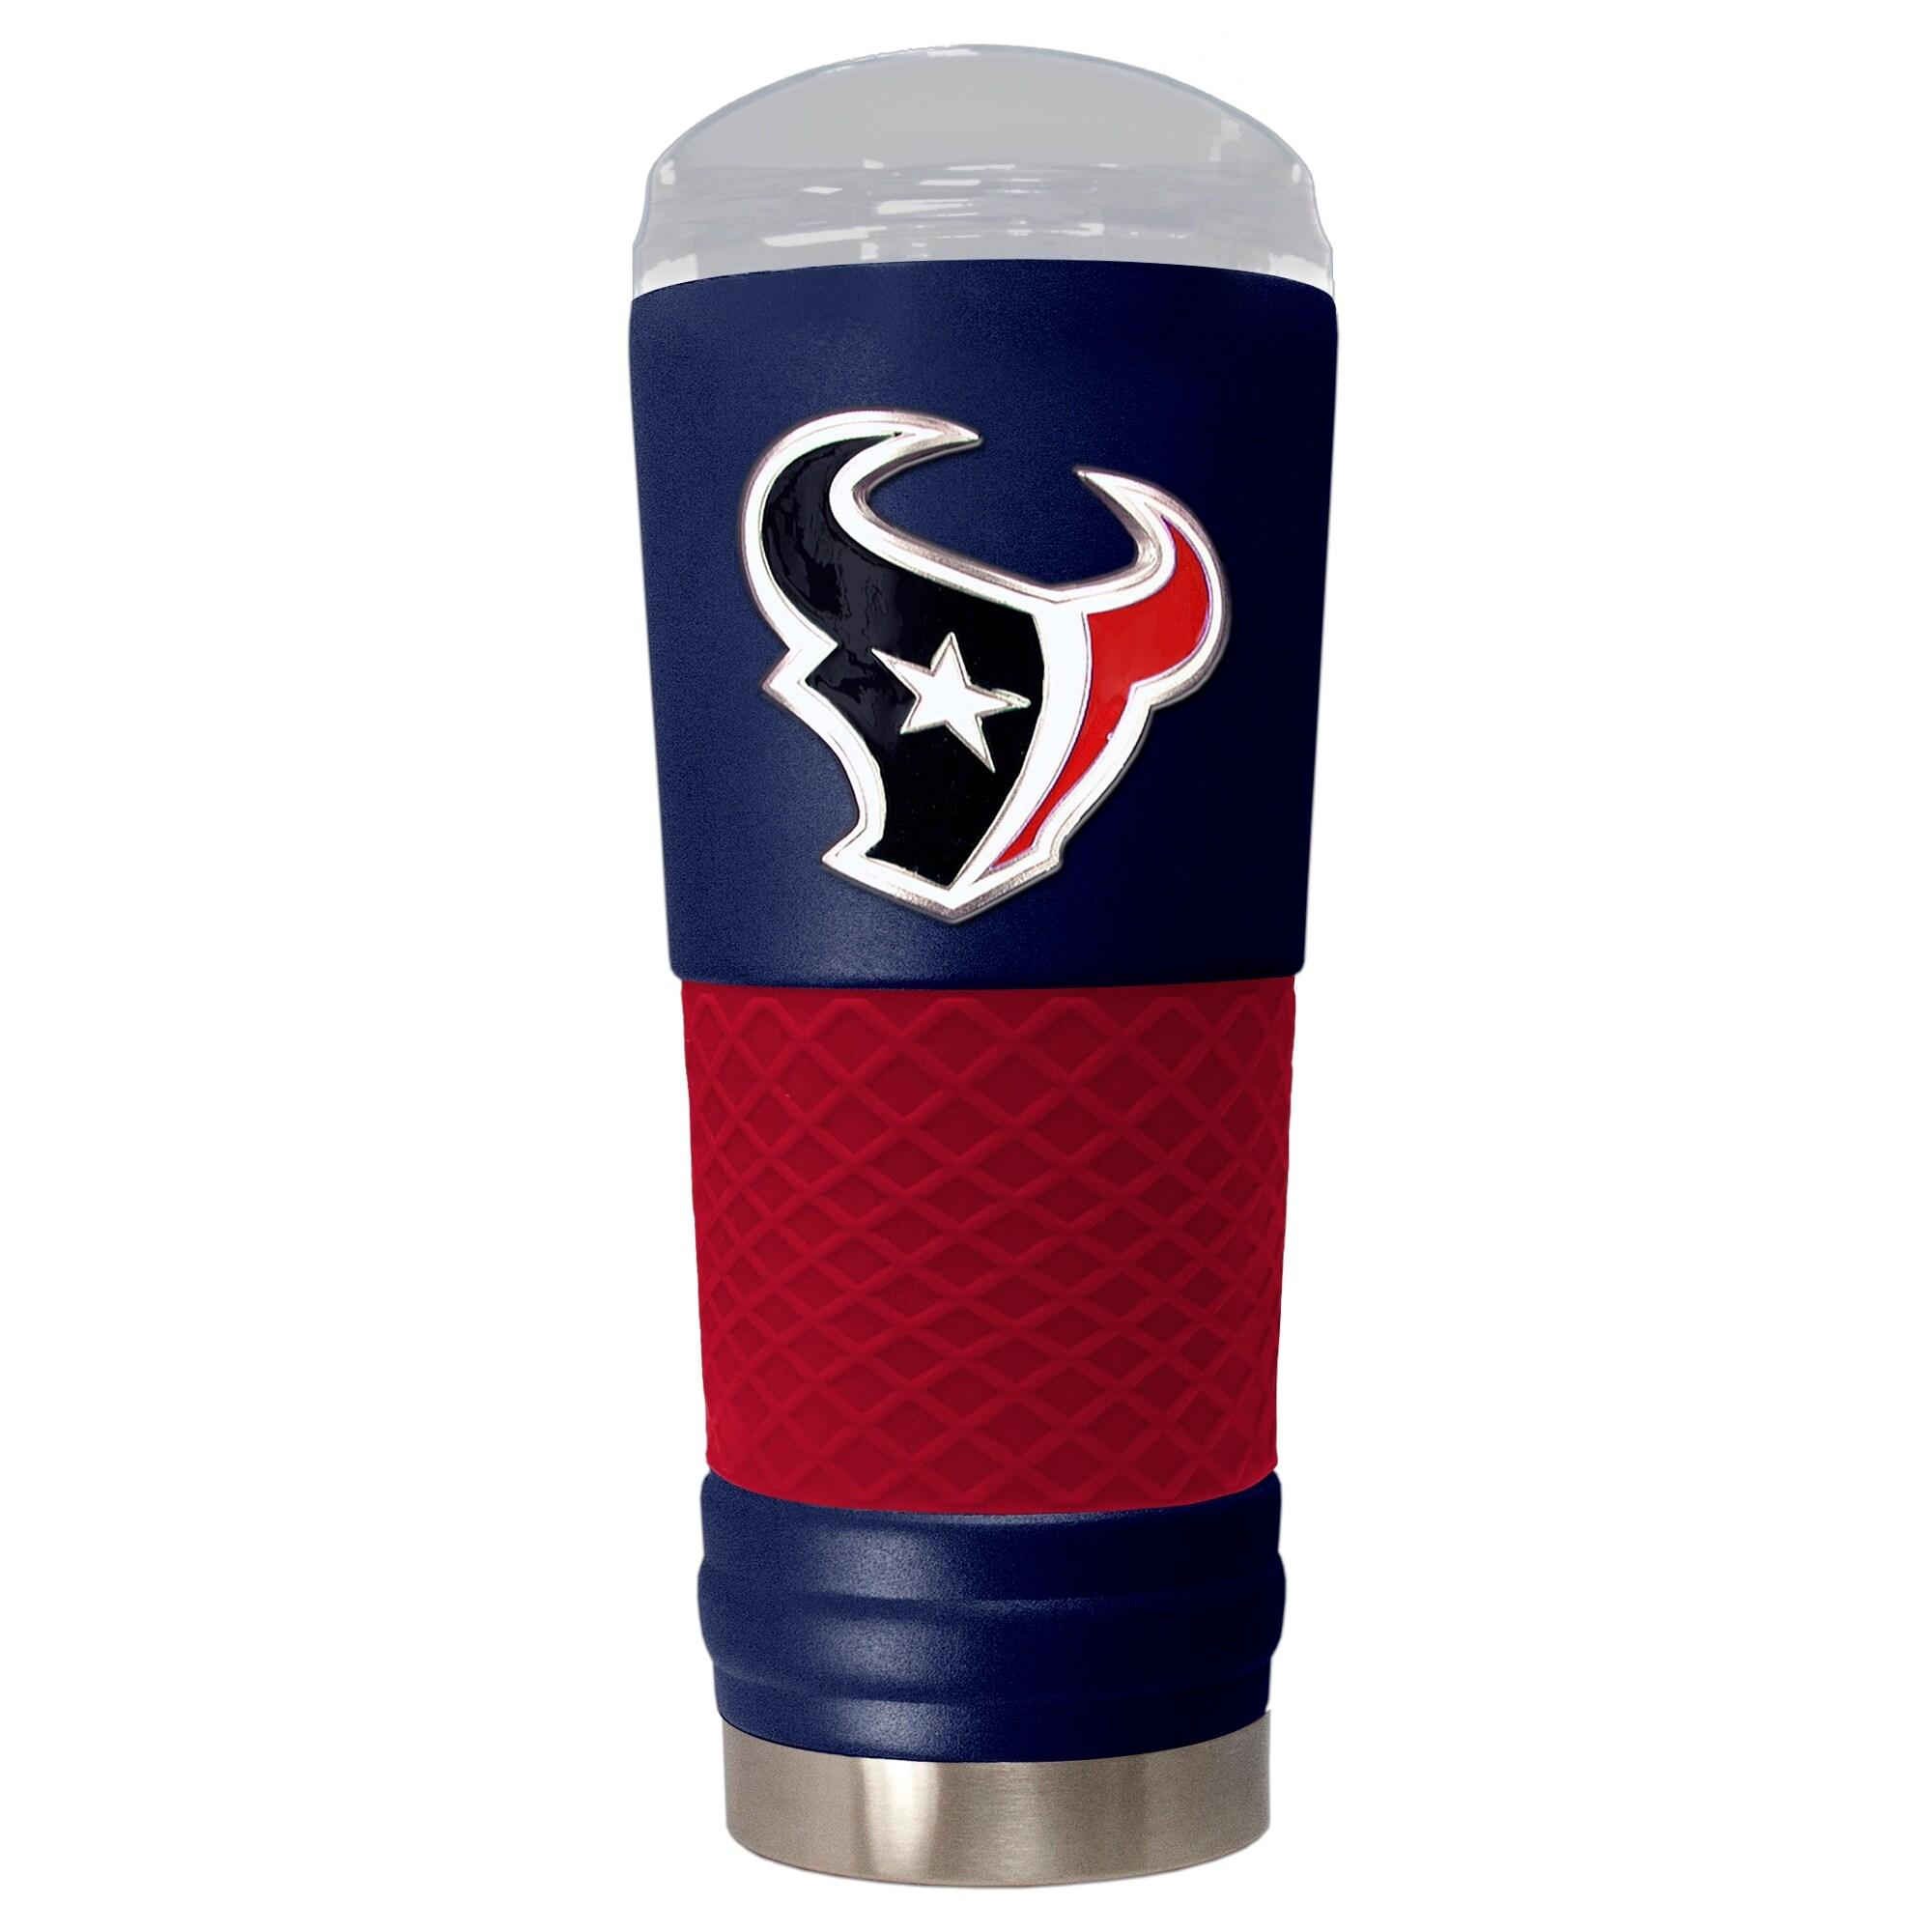 Houston Texans 24oz. Powder Coated Draft Travel Mug - Blue